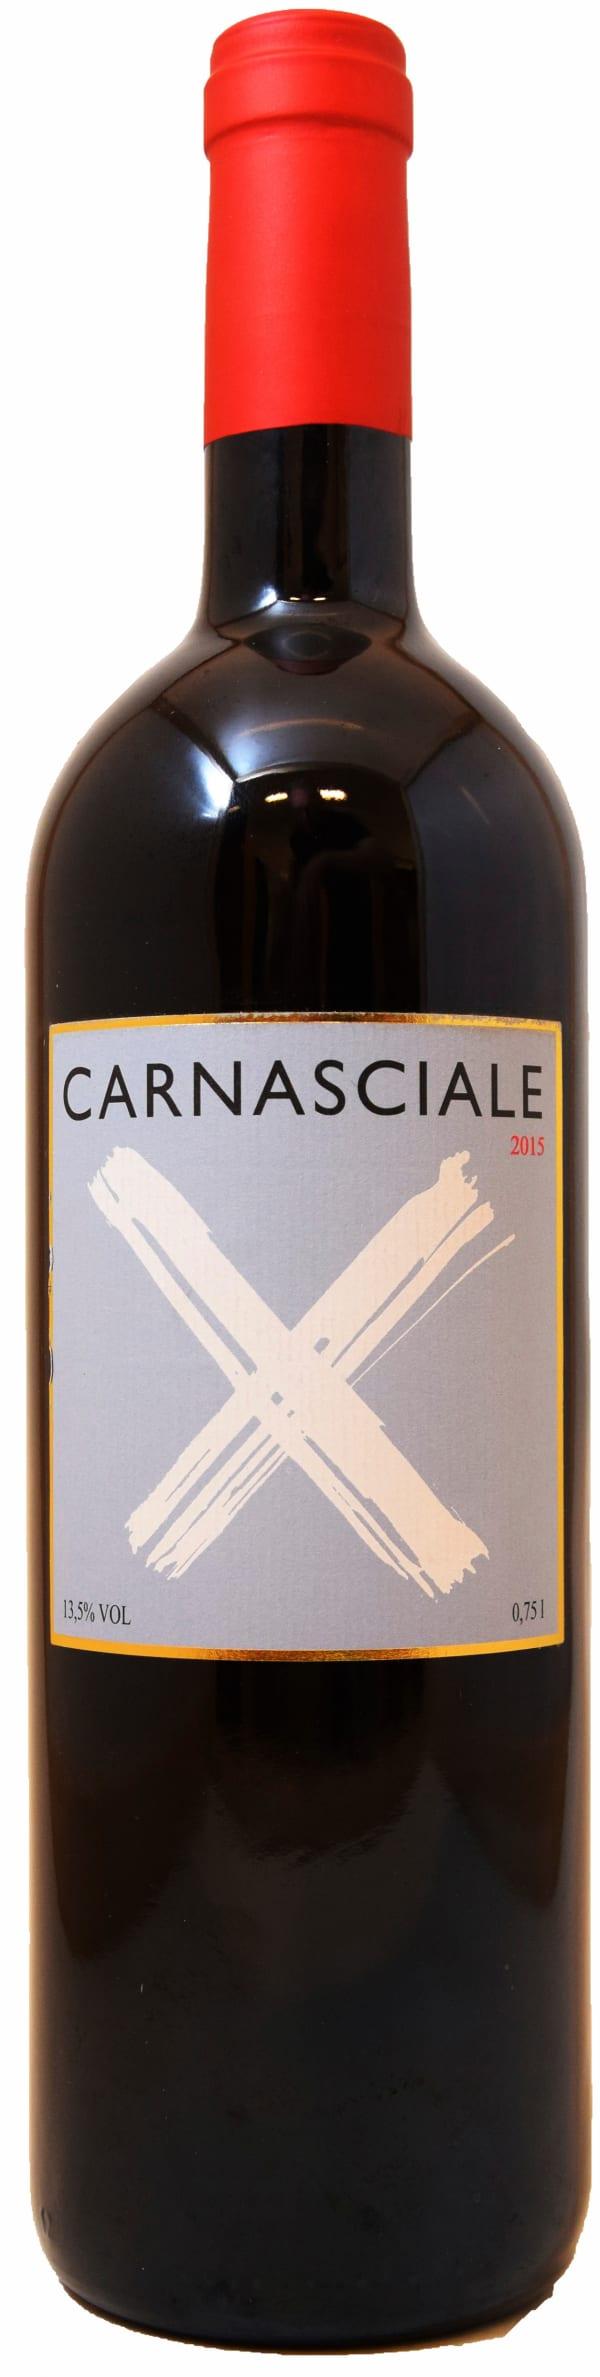 Carnasciale 2015